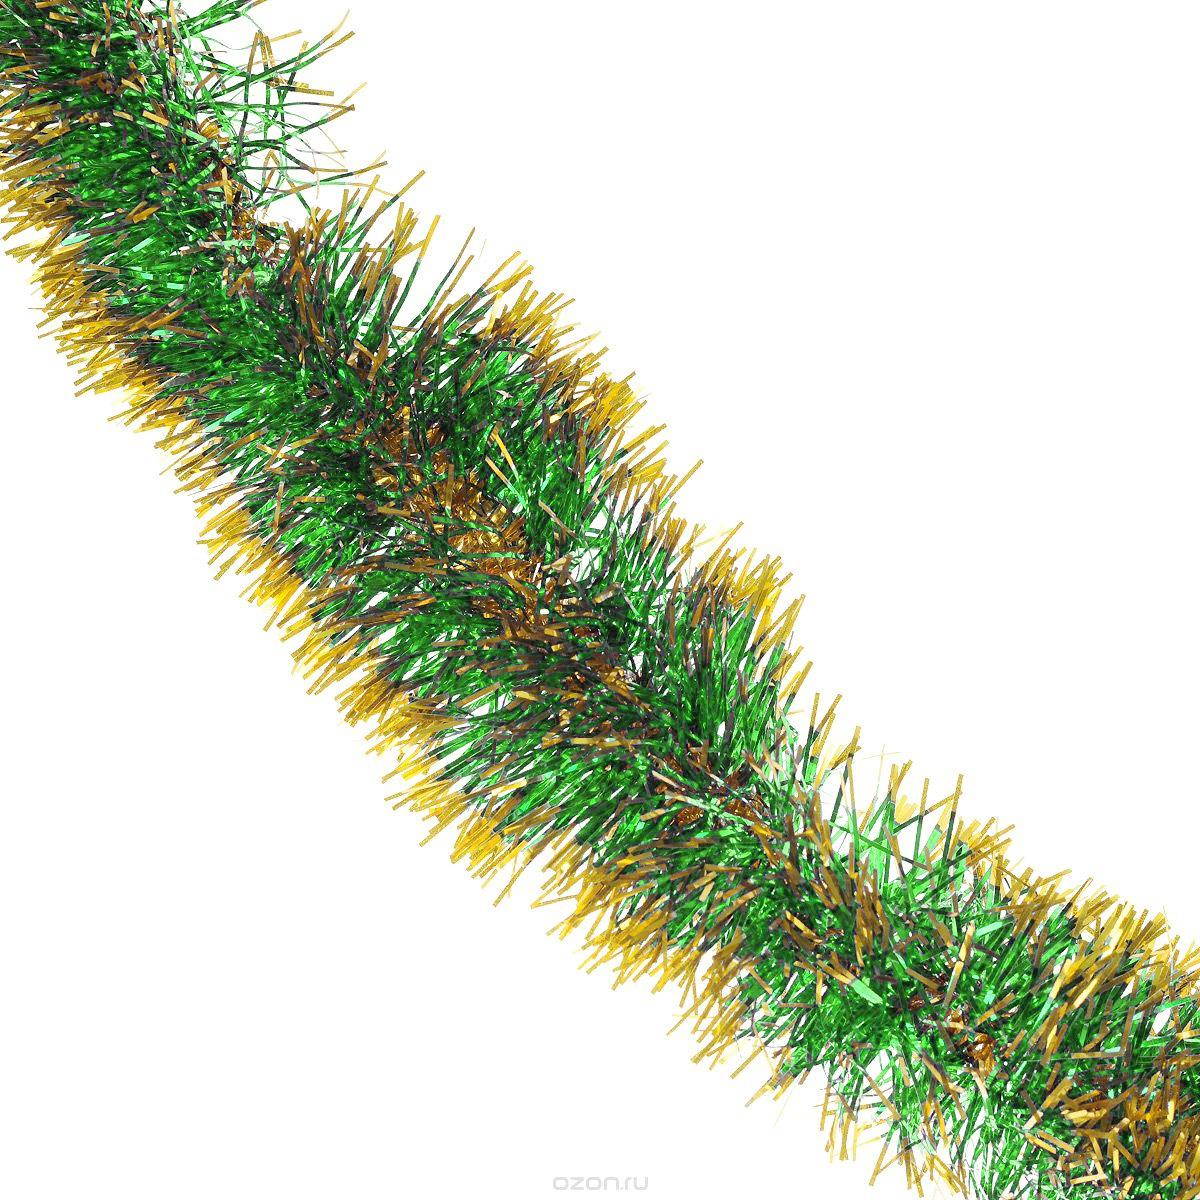 Мишура новогодняя Sima-land, цвет: зеленый, золотистый, диаметр 8 см, длина 200 см. 702630702630_зеленый, золотистыйНовогодняя мишура Sima-land, выполненная из двухцветной фольги, поможет вам украсить свой дом к предстоящим праздникам. А новогодняя елка с таким украшением станет еще наряднее. Мишура армирована, то есть имеет проволоку внутри и способна сохранять придаваемую ей форму. Новогодней мишурой можно украсить все, что угодно - елку, квартиру, дачу, офис - как внутри, так и снаружи. Можно сложить новогодние поздравления, буквы и цифры, мишурой можно украсить и дополнить гирлянды, можно выделить дверные колонны, оплести дверные проемы.